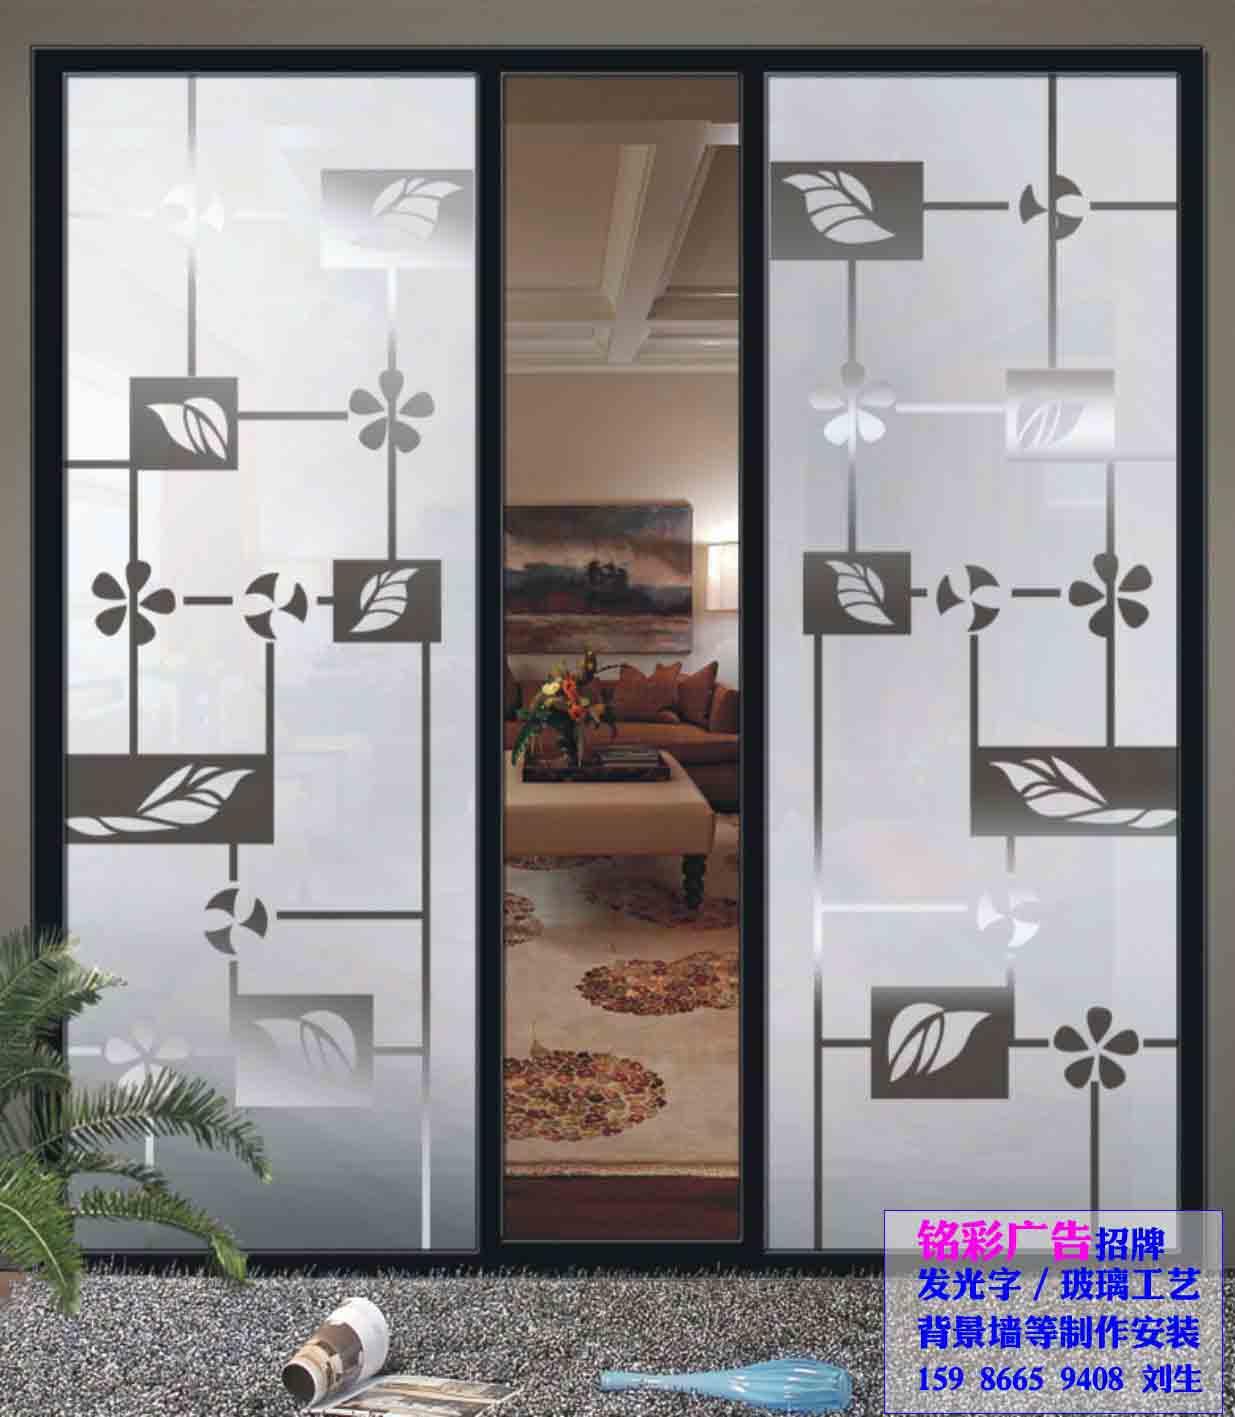 玻璃门高清大图,本图片由铭彩广告公司提供.